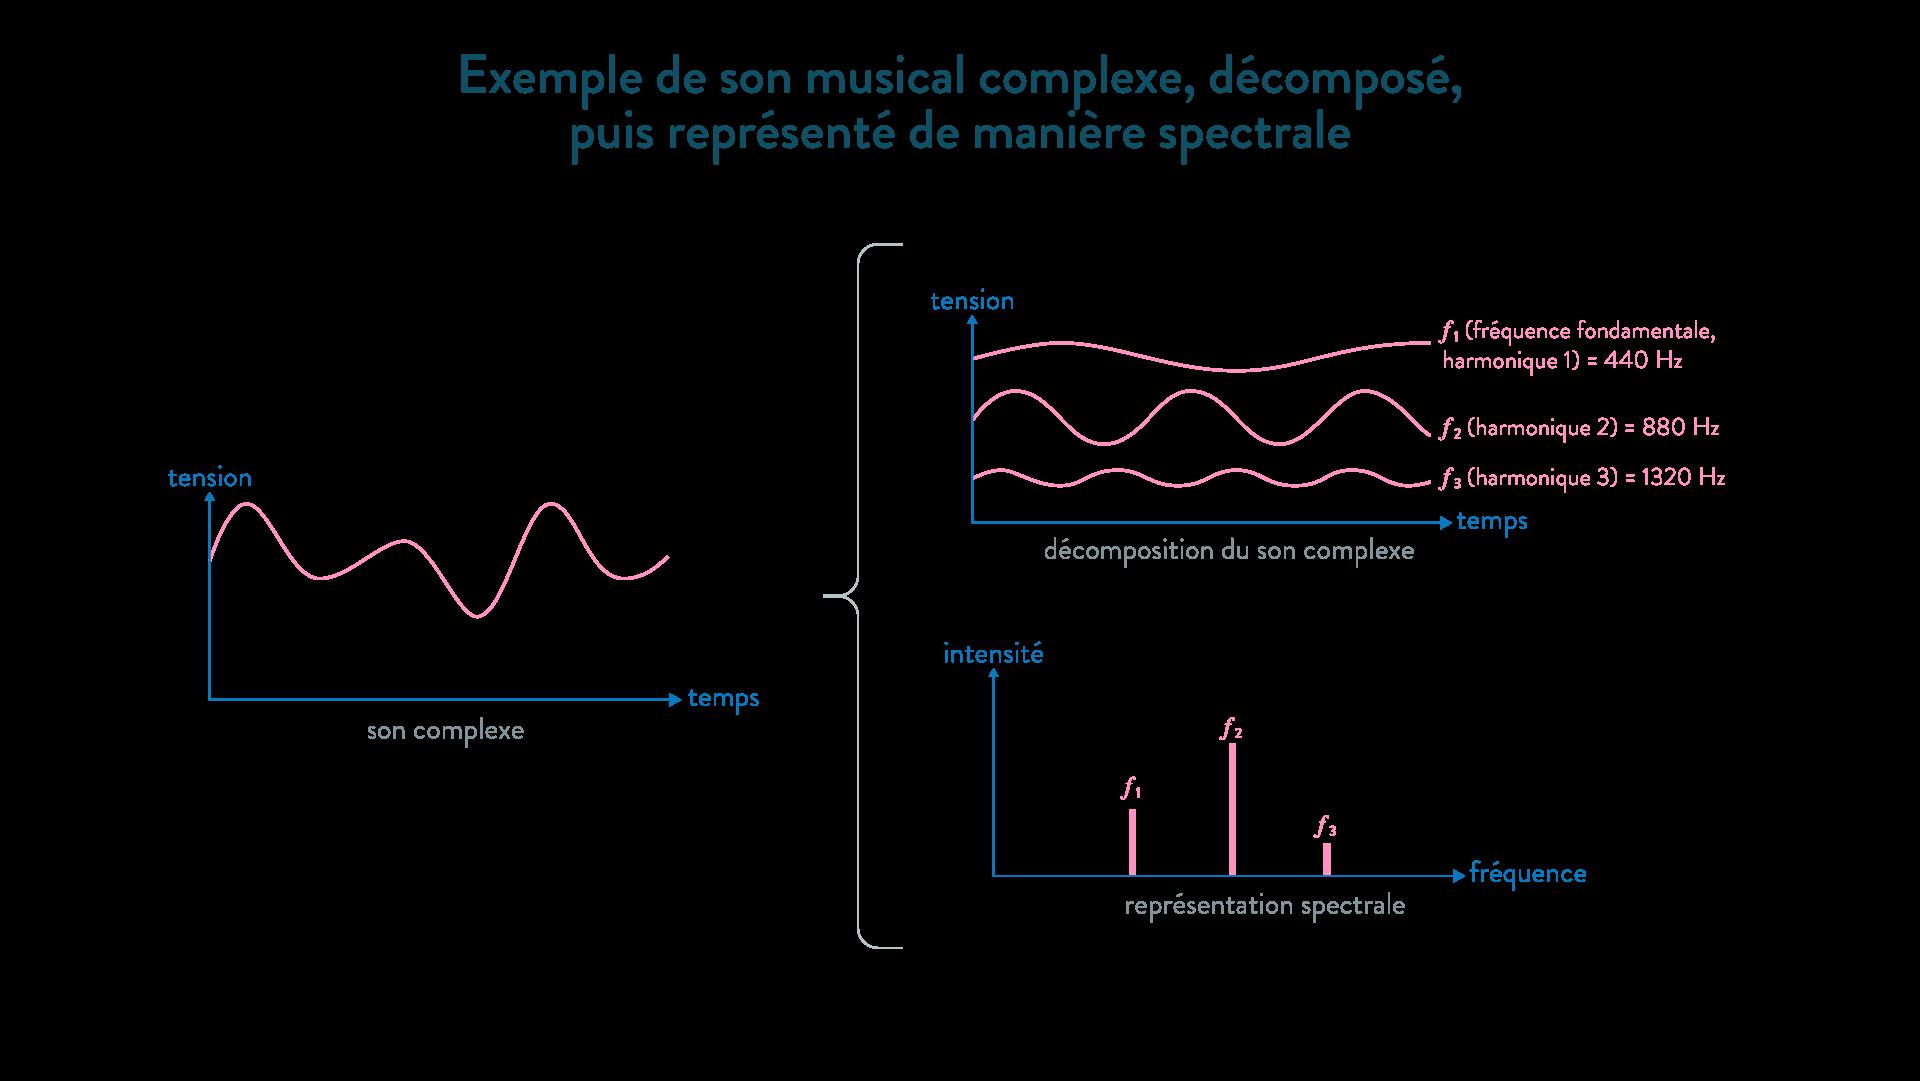 son complexe décomposition fréquence fondamentale harmonique